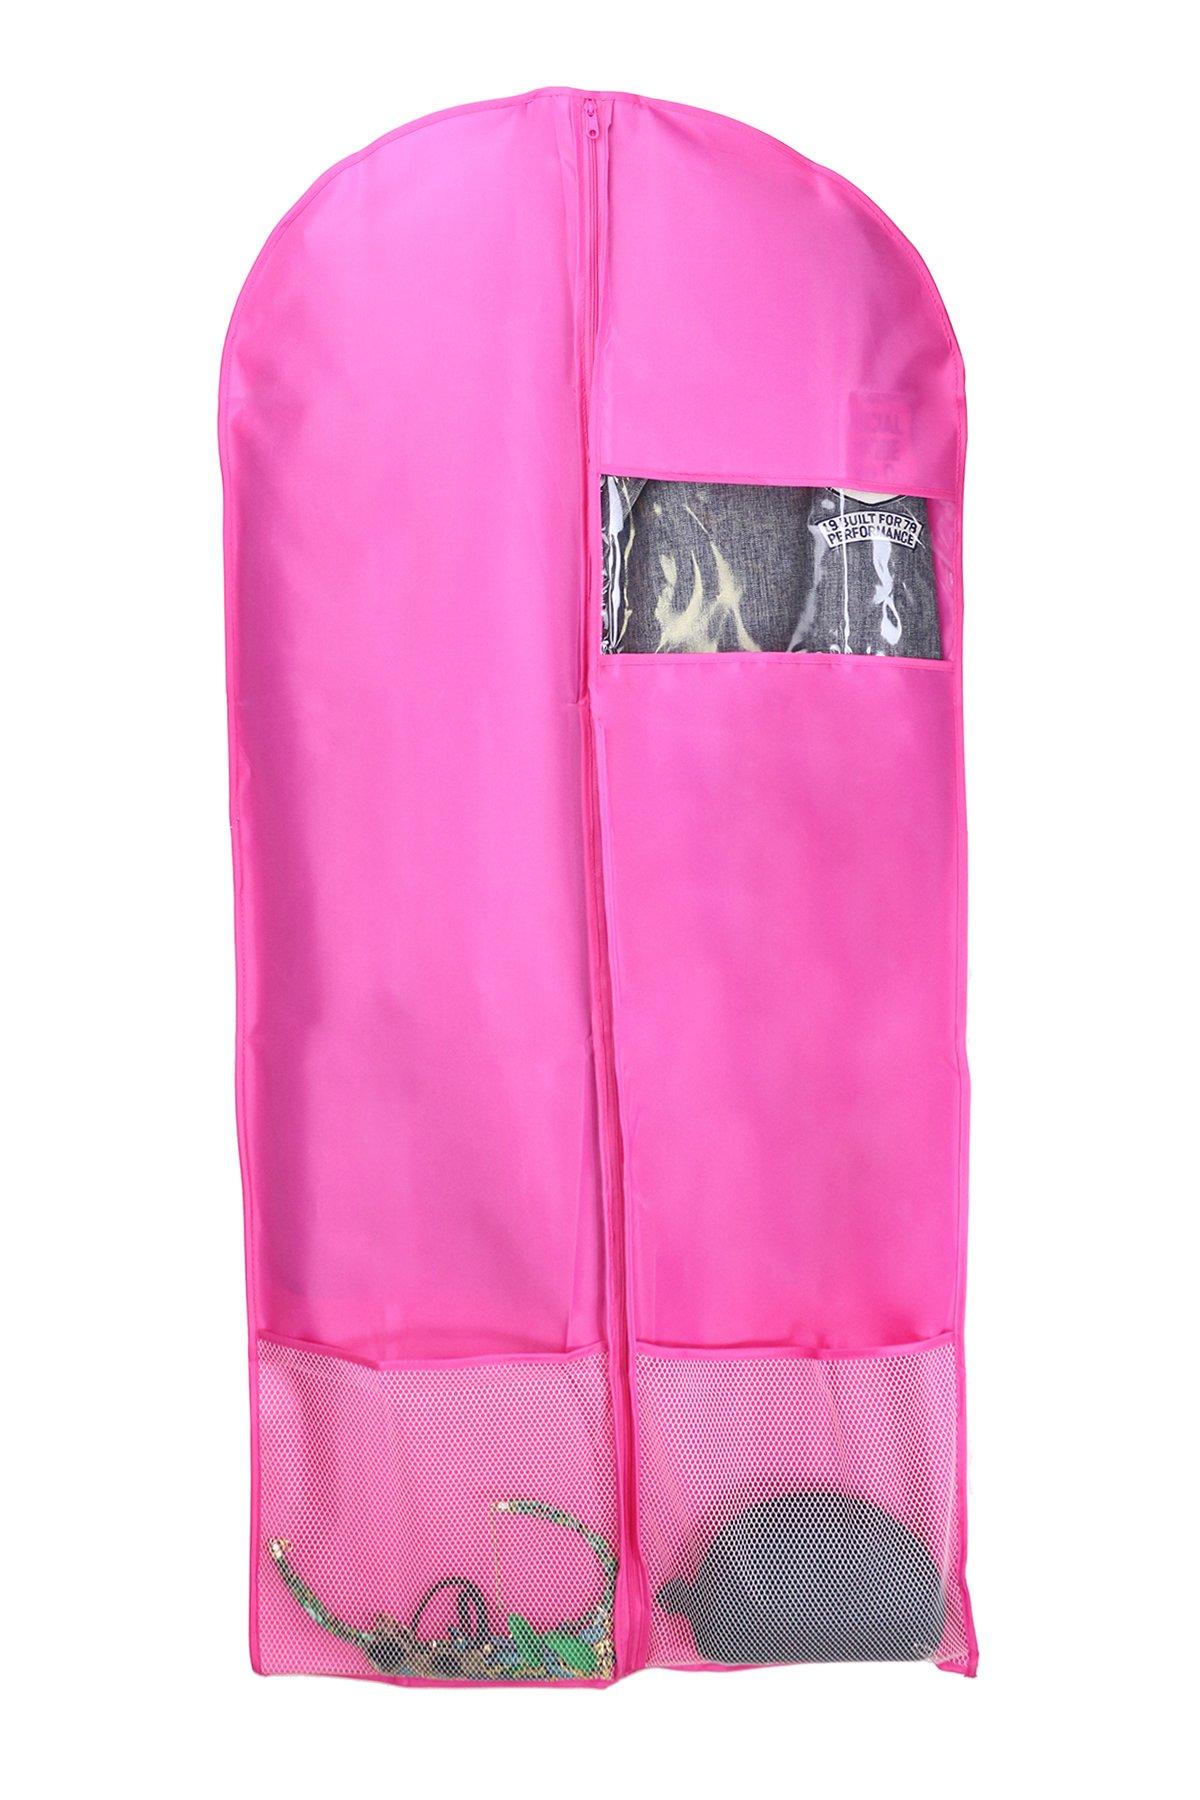 Kernorv Garment Bags for Dance Costumes, Set of 5 Breathable Dust-proof Garment Bags 51'' Dance Garment Bags with Clear Window for Dance Costumes, Dress, Jacket, Storage or Travel (Pink) by Kernorv (Image #7)